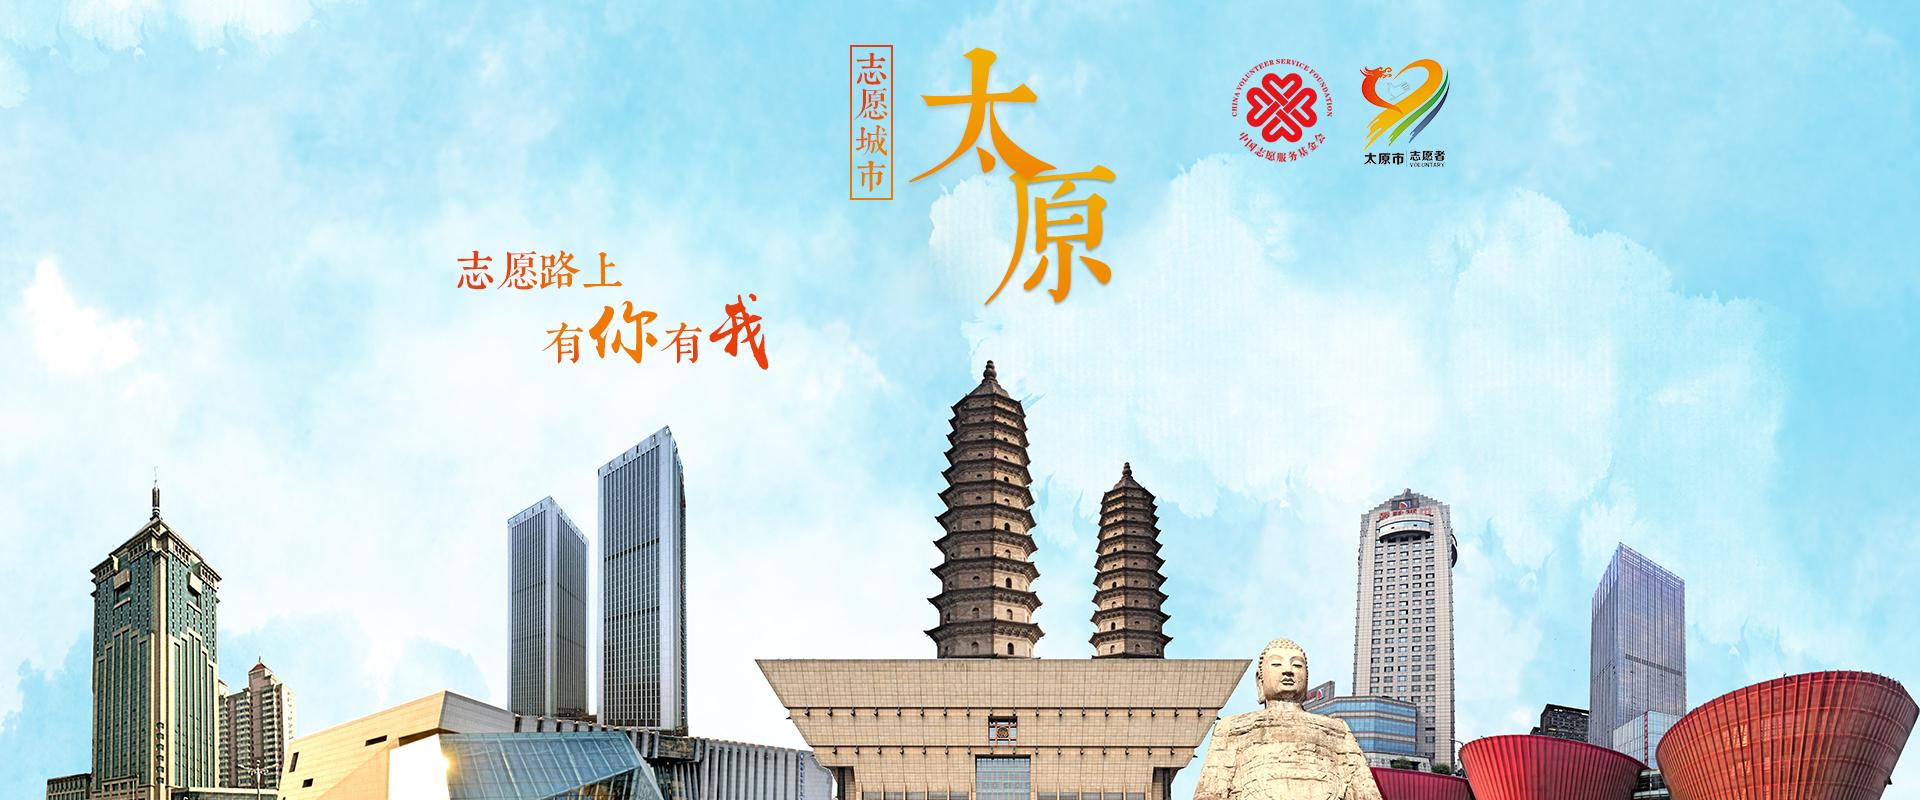 """中國志愿服務基金會""""志愿城市·太原""""基金"""